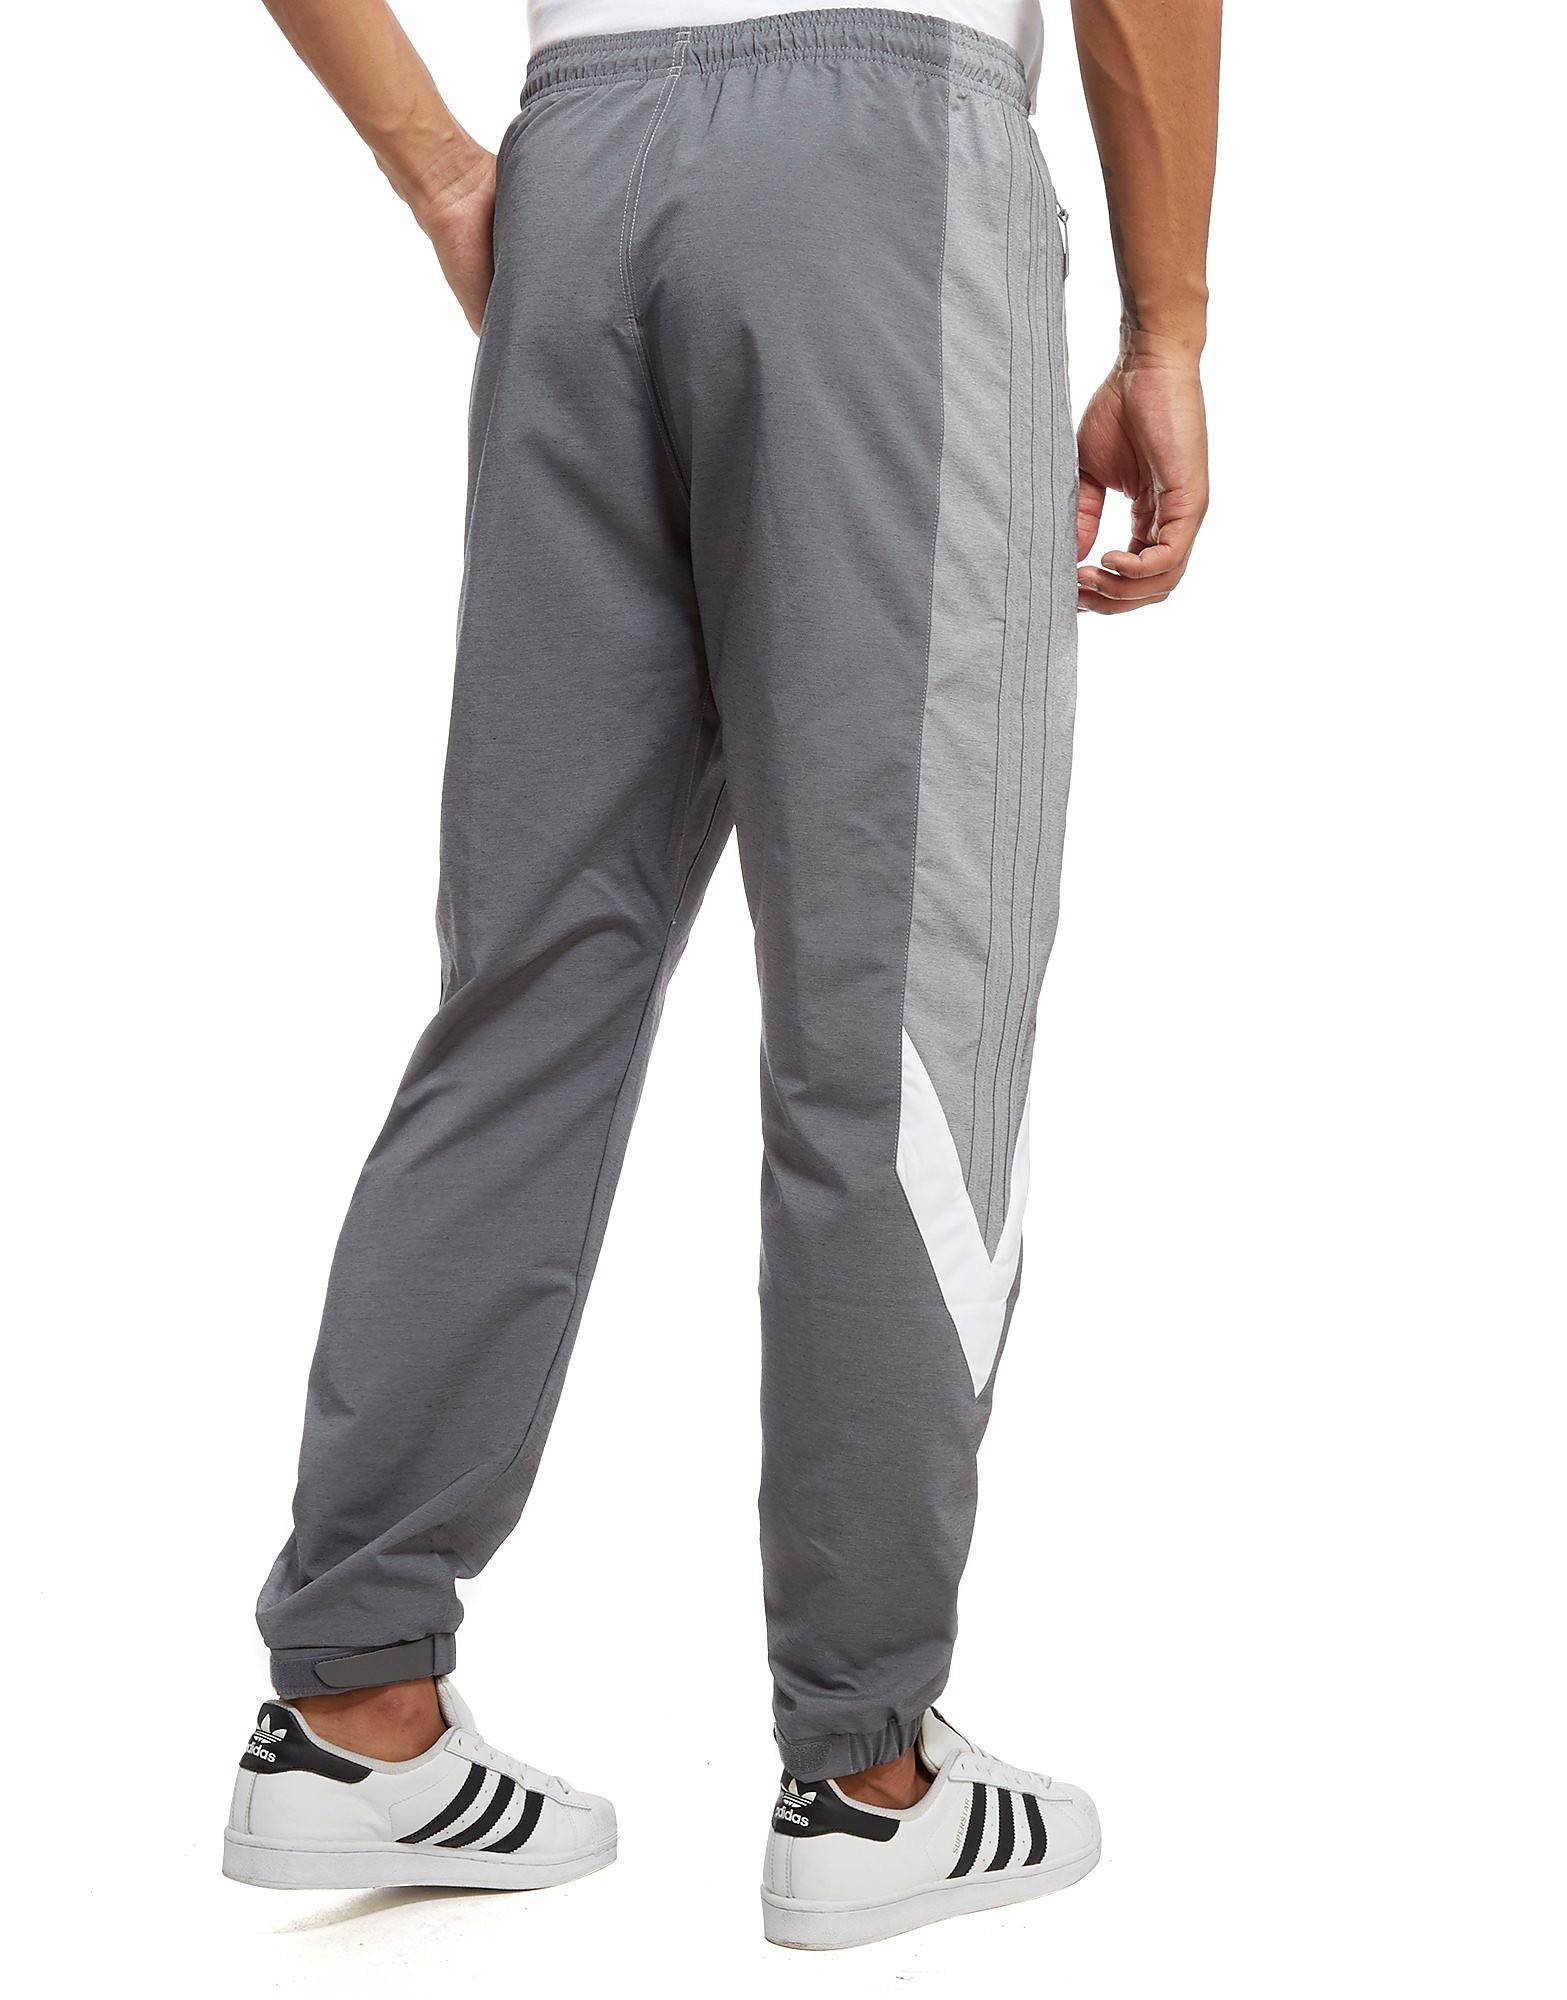 adidas Originals Nova Woven Pantaloni